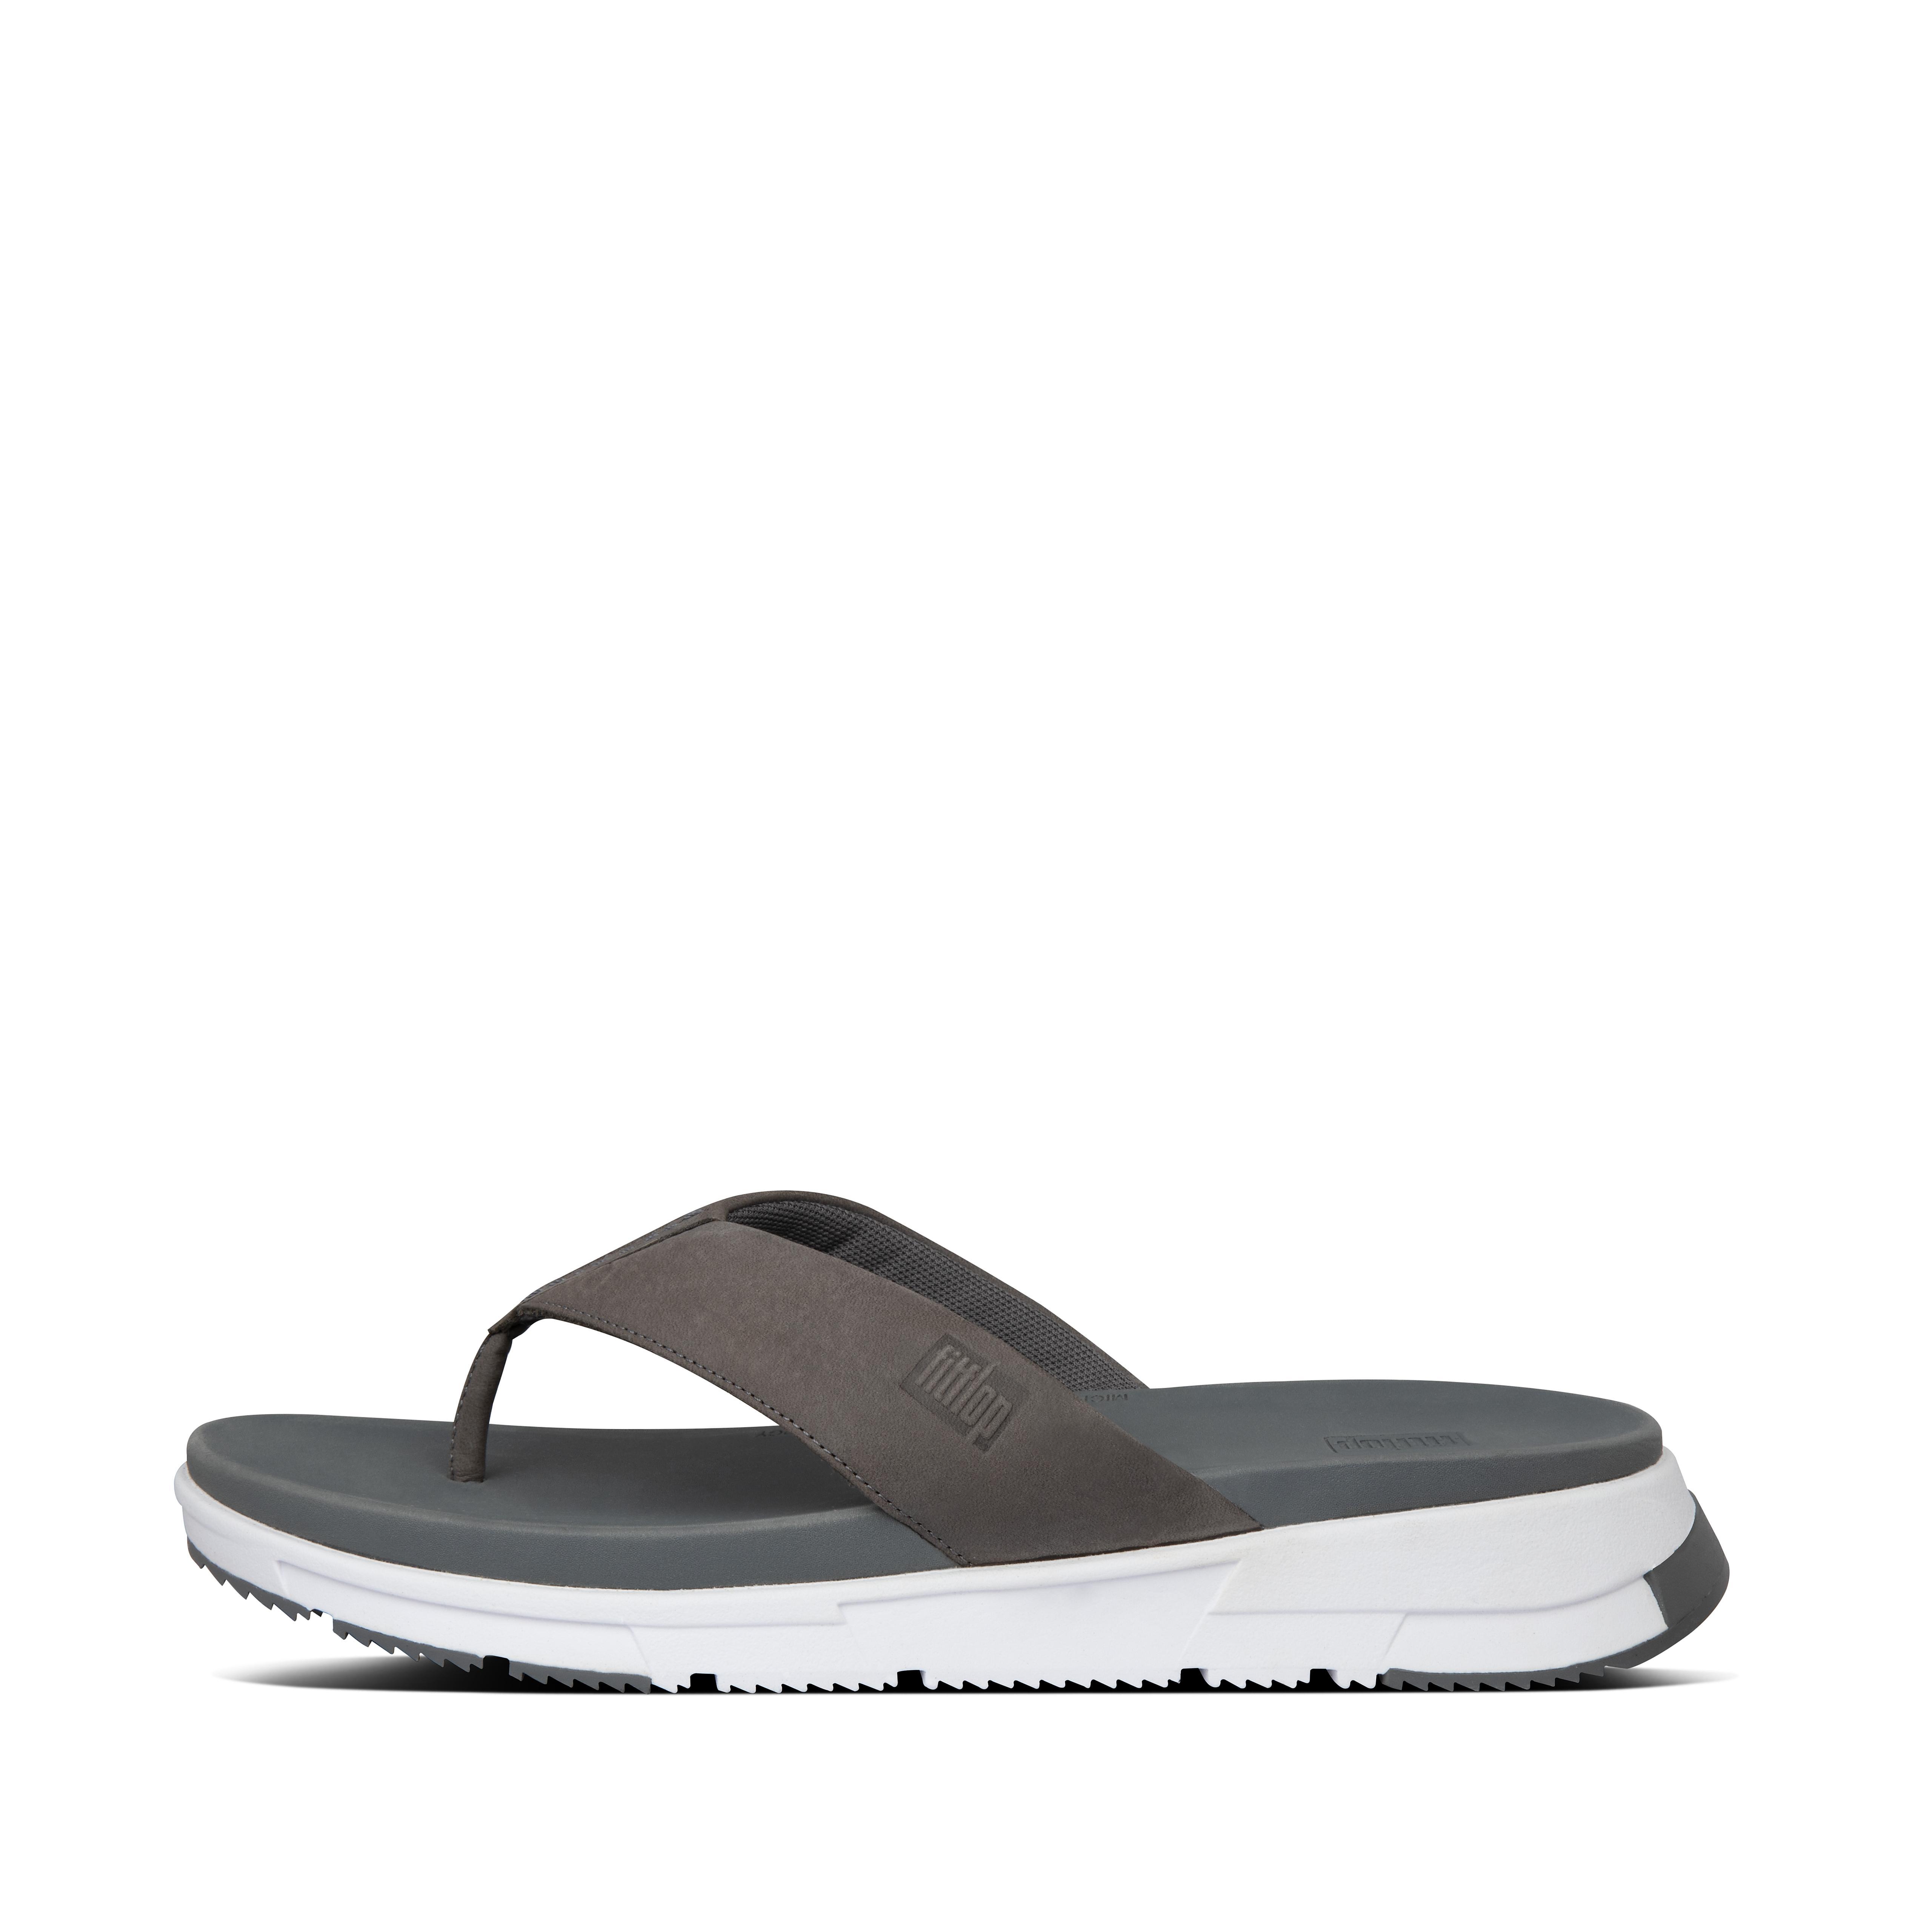 핏플랍 SPORTY 샌들 Mens Sporty Nubuck Toe-Post Sandals,Deep Grey